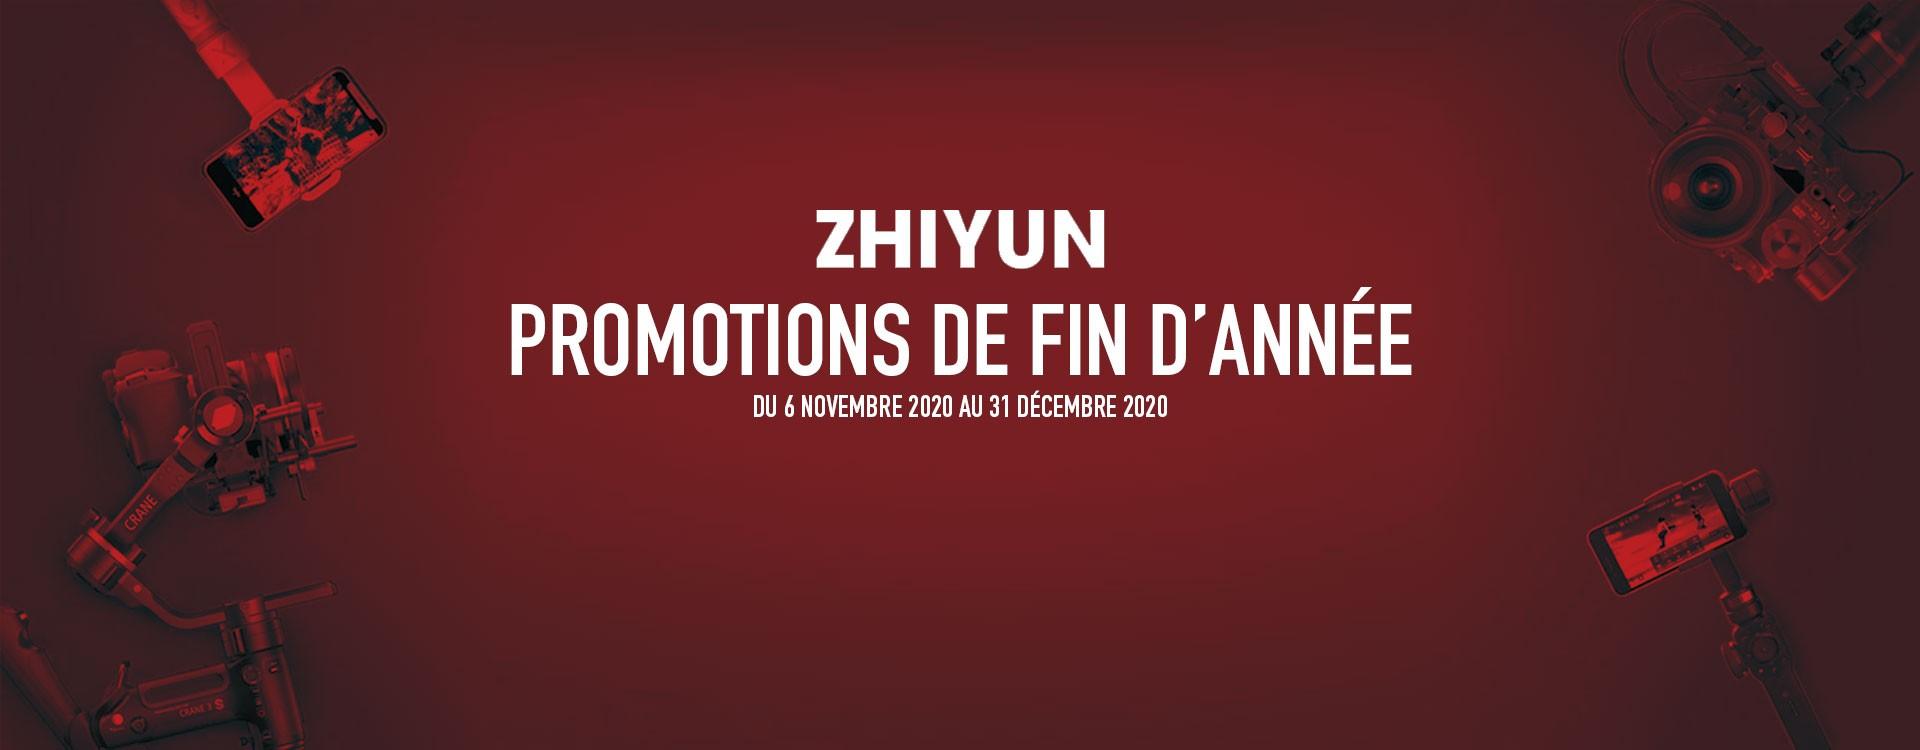 [Promo Zhiyun] Promo de fin d'année